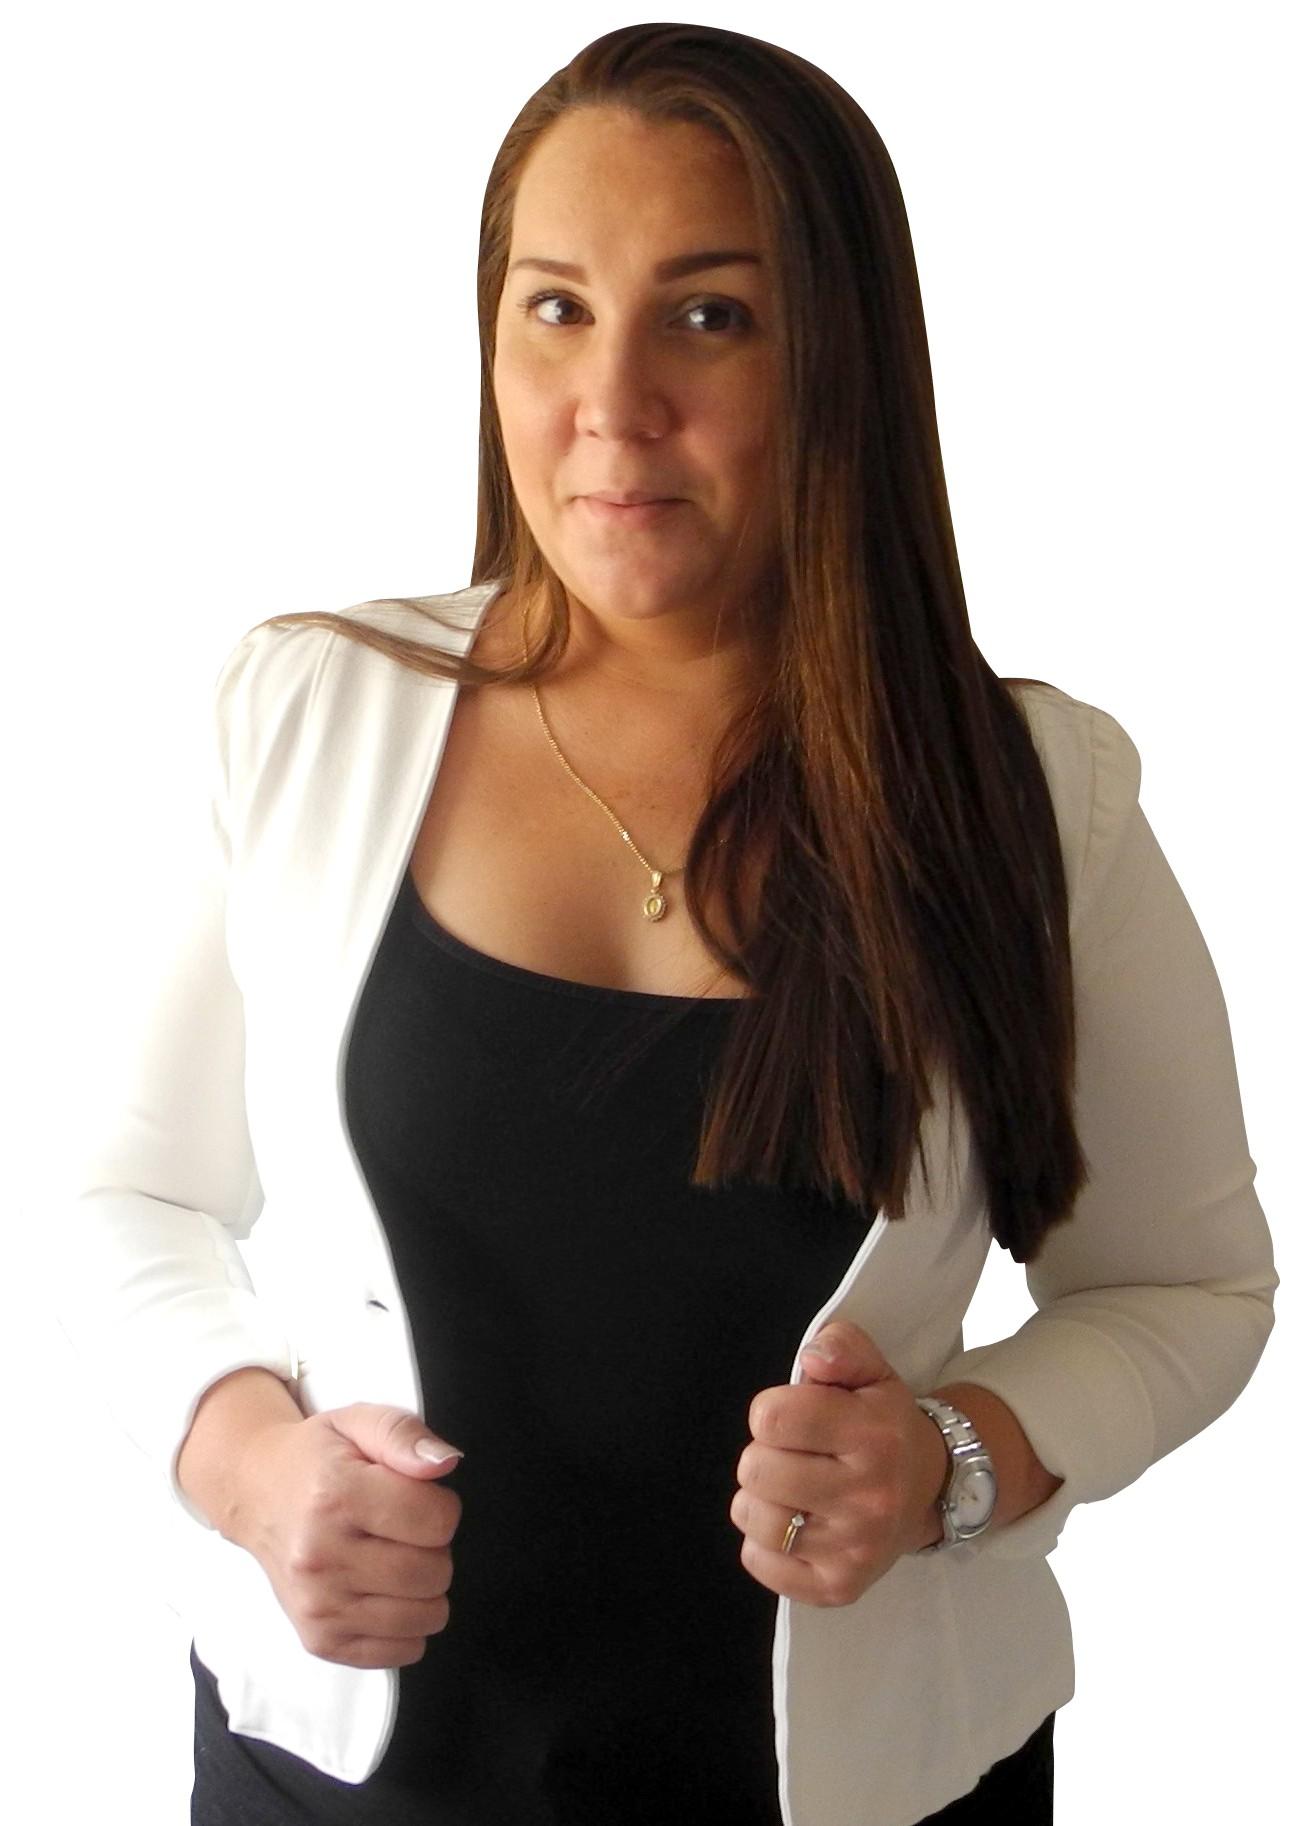 Carolina Calvo Rodíguez